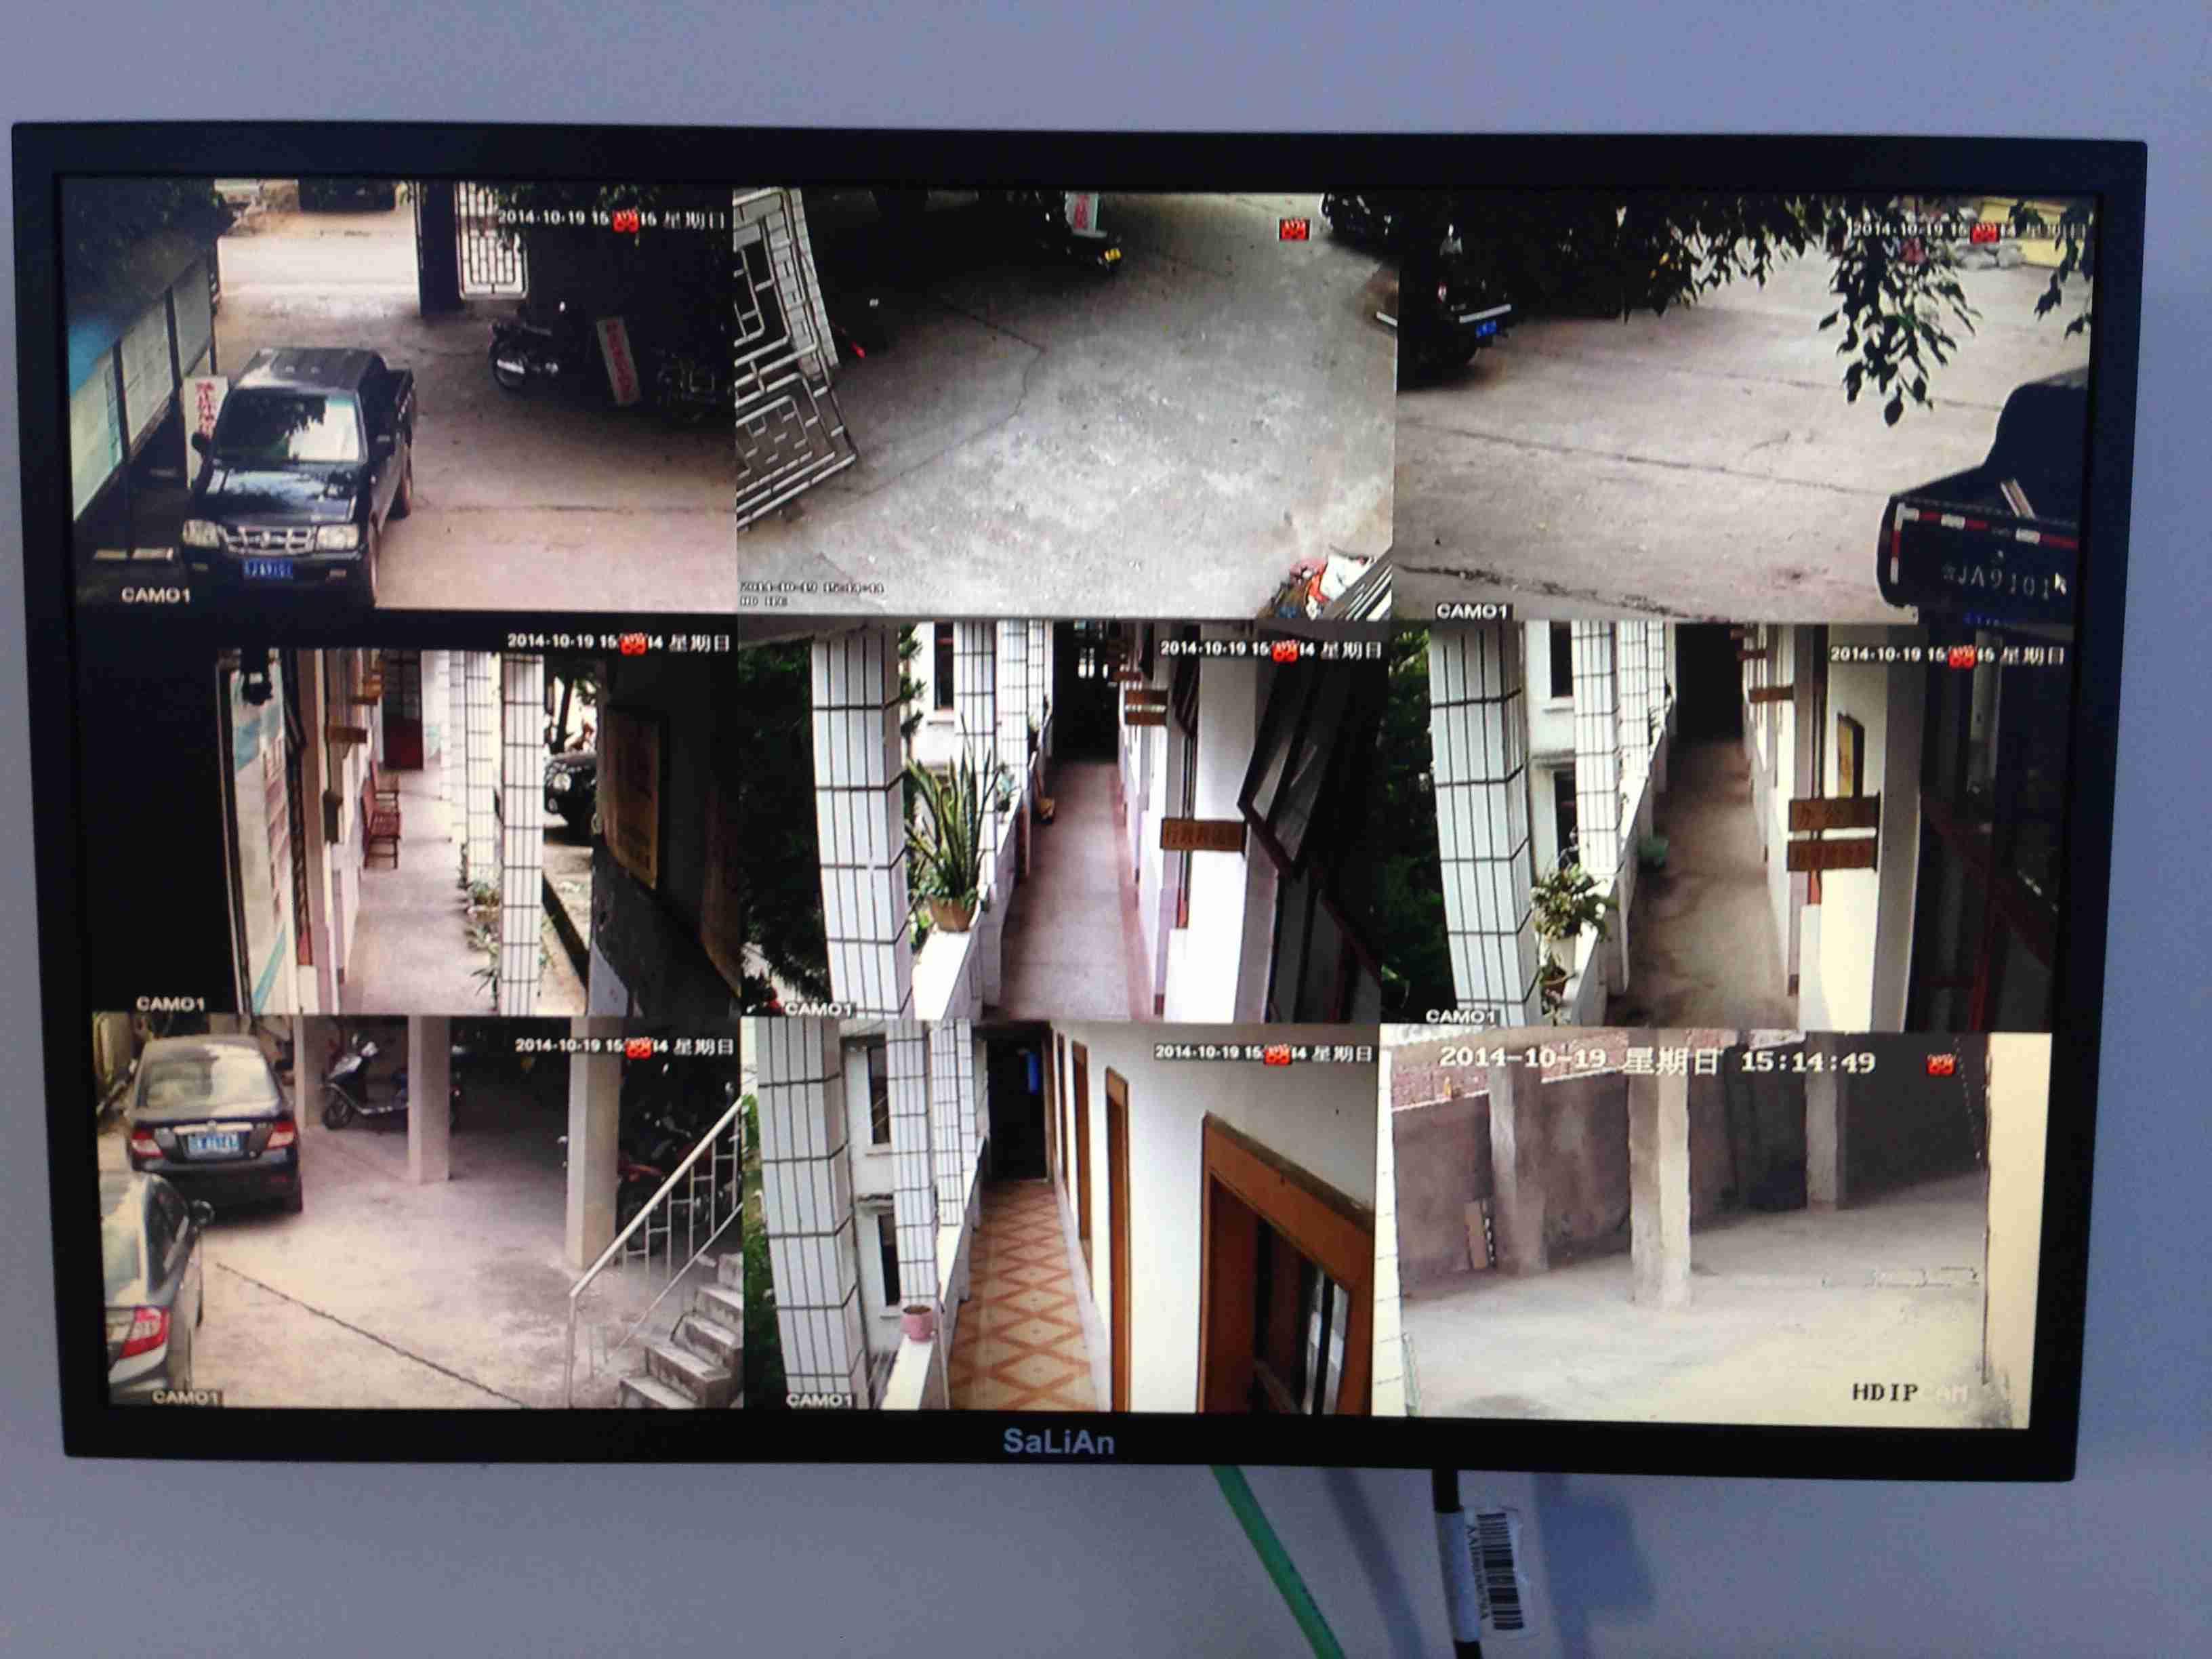 江城县财政局安防监控报警系统施工